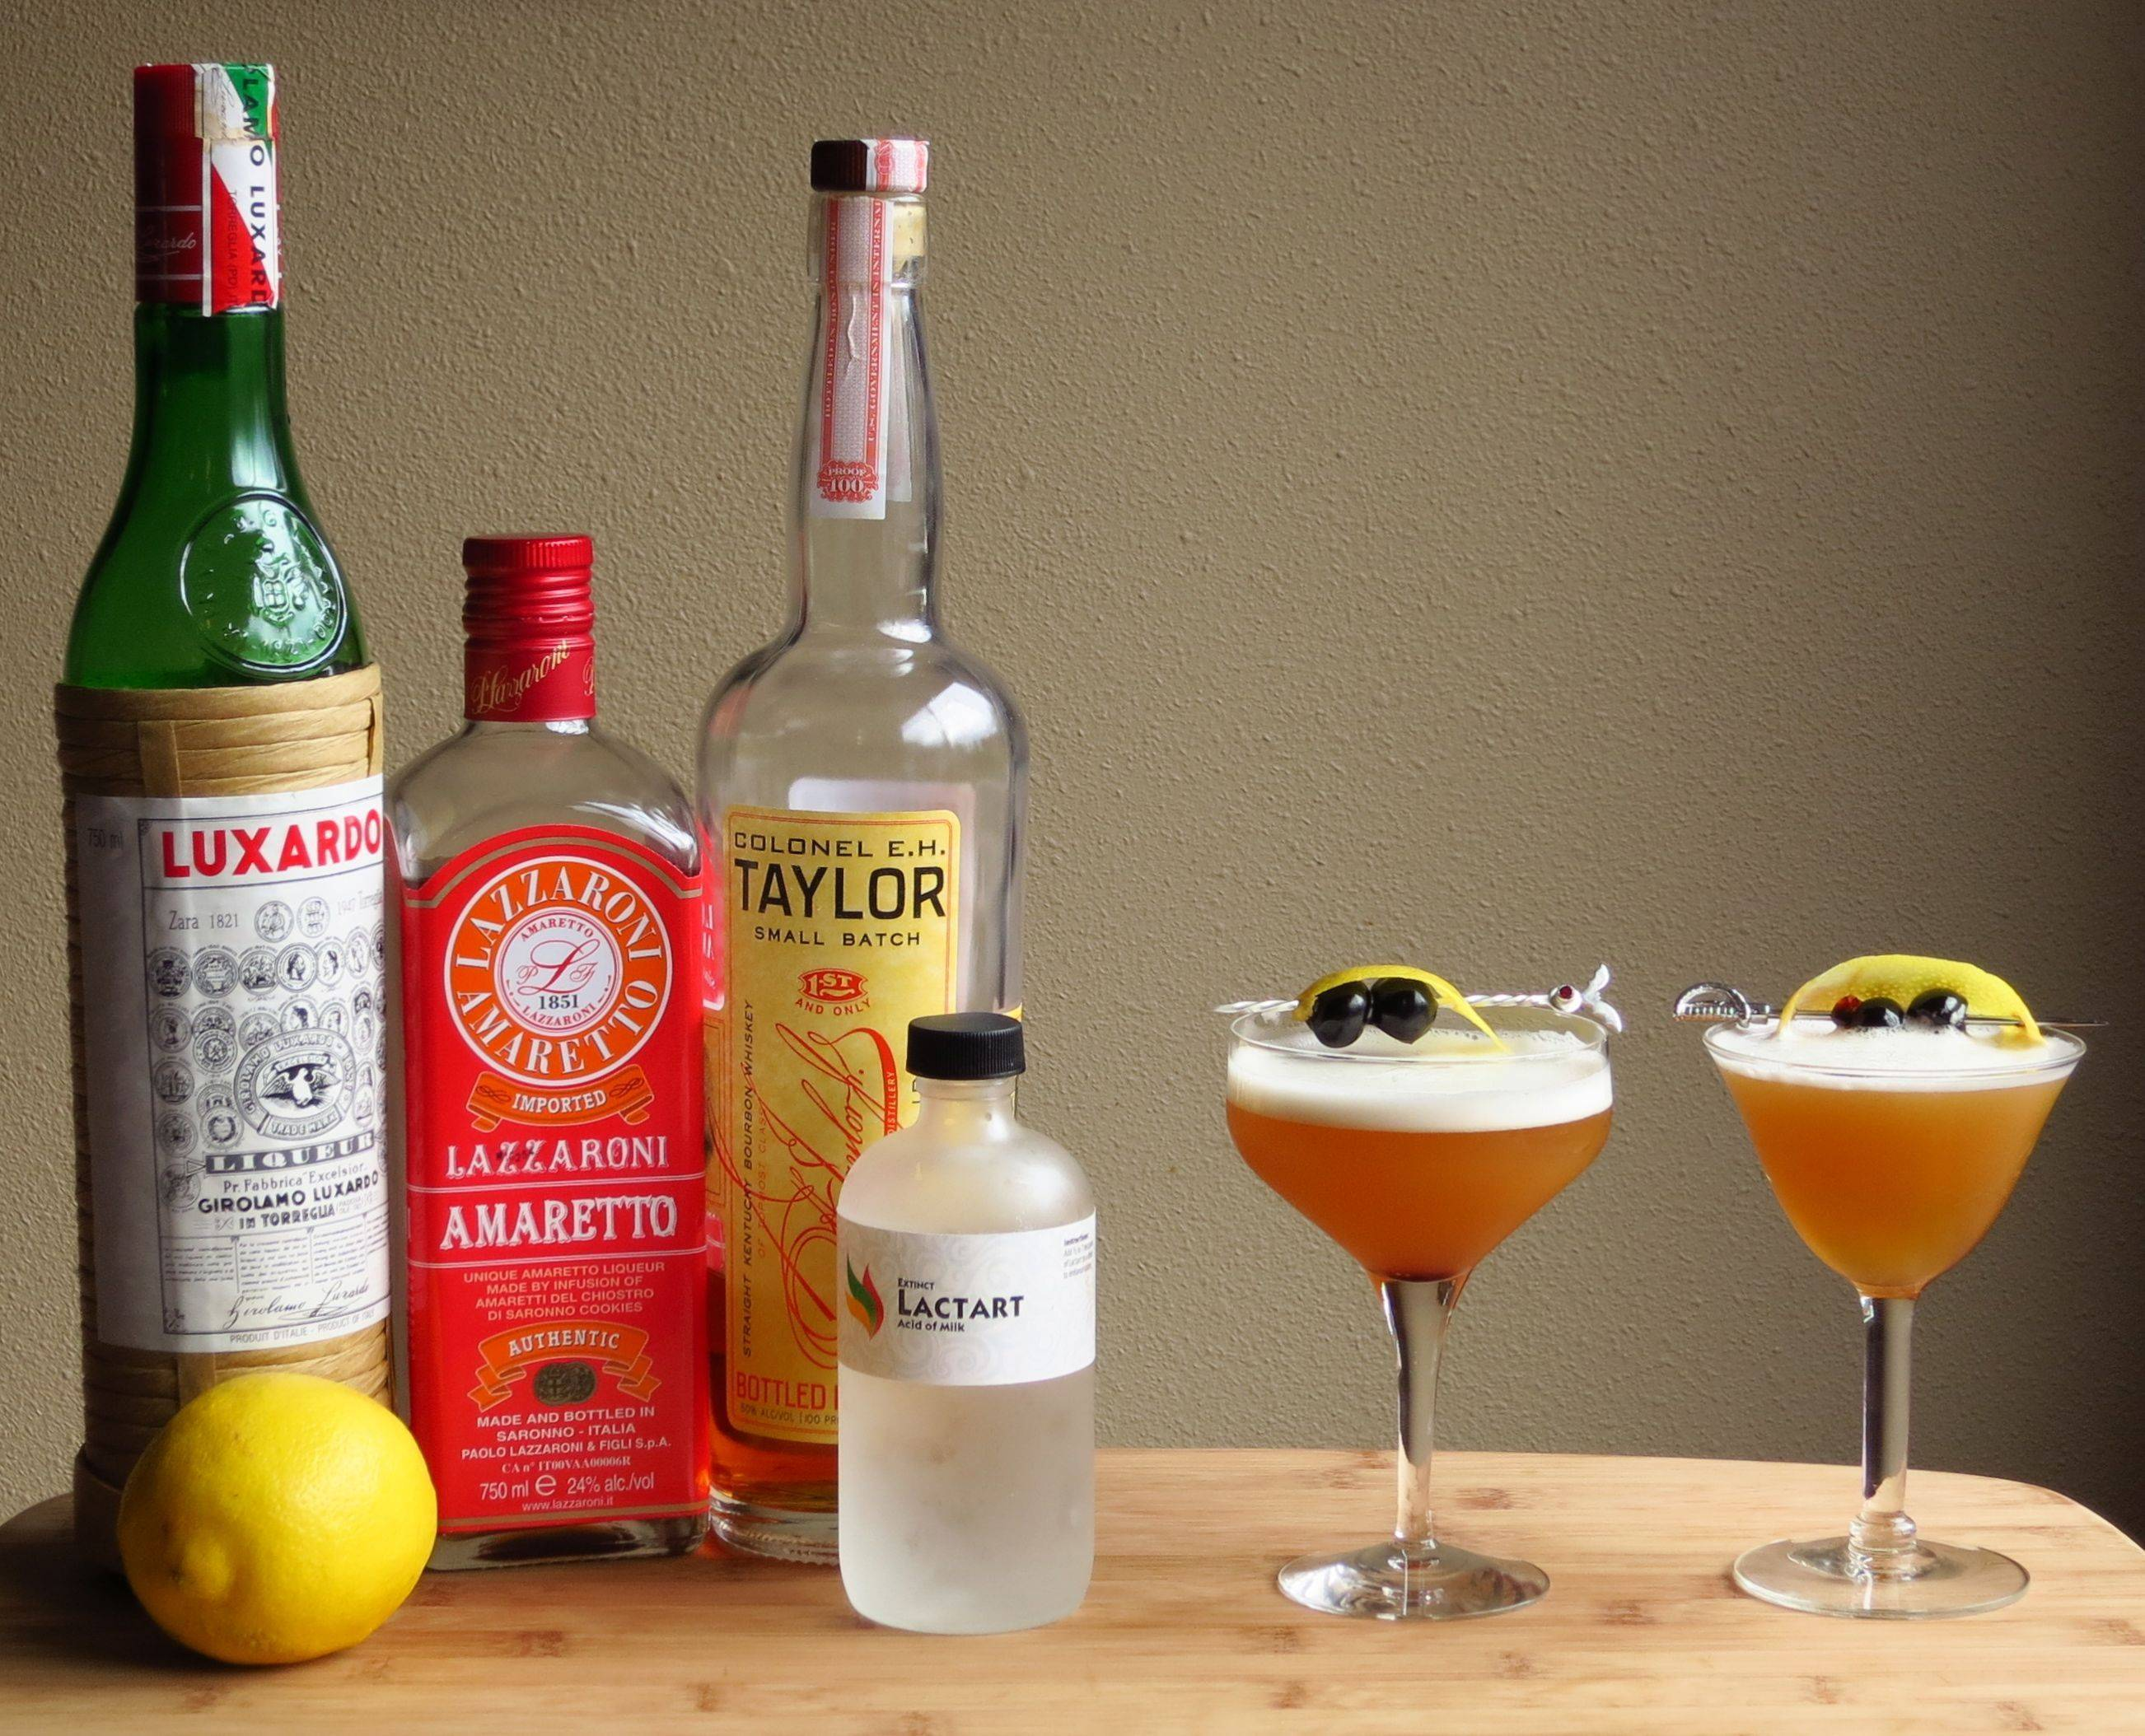 Все об амаретто: коктейль на основе ликёра, условия хранения и как сделать домашний amaretto